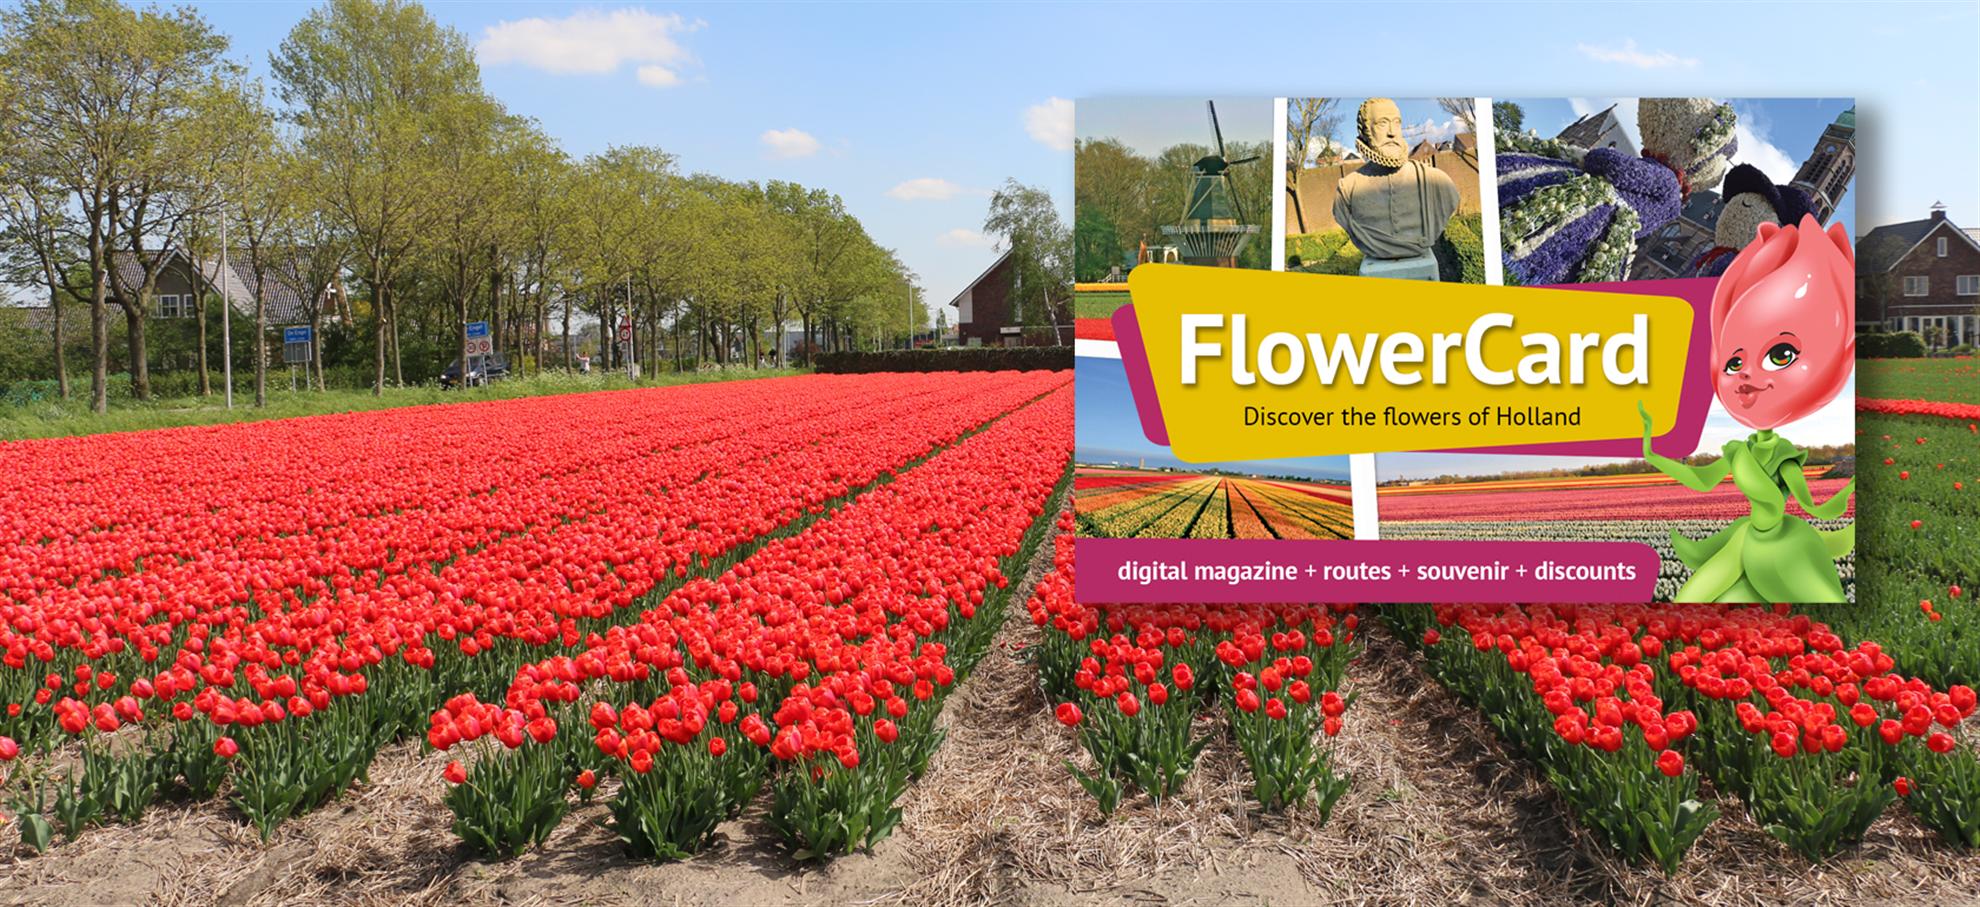 FlowerCard (Hors saison)